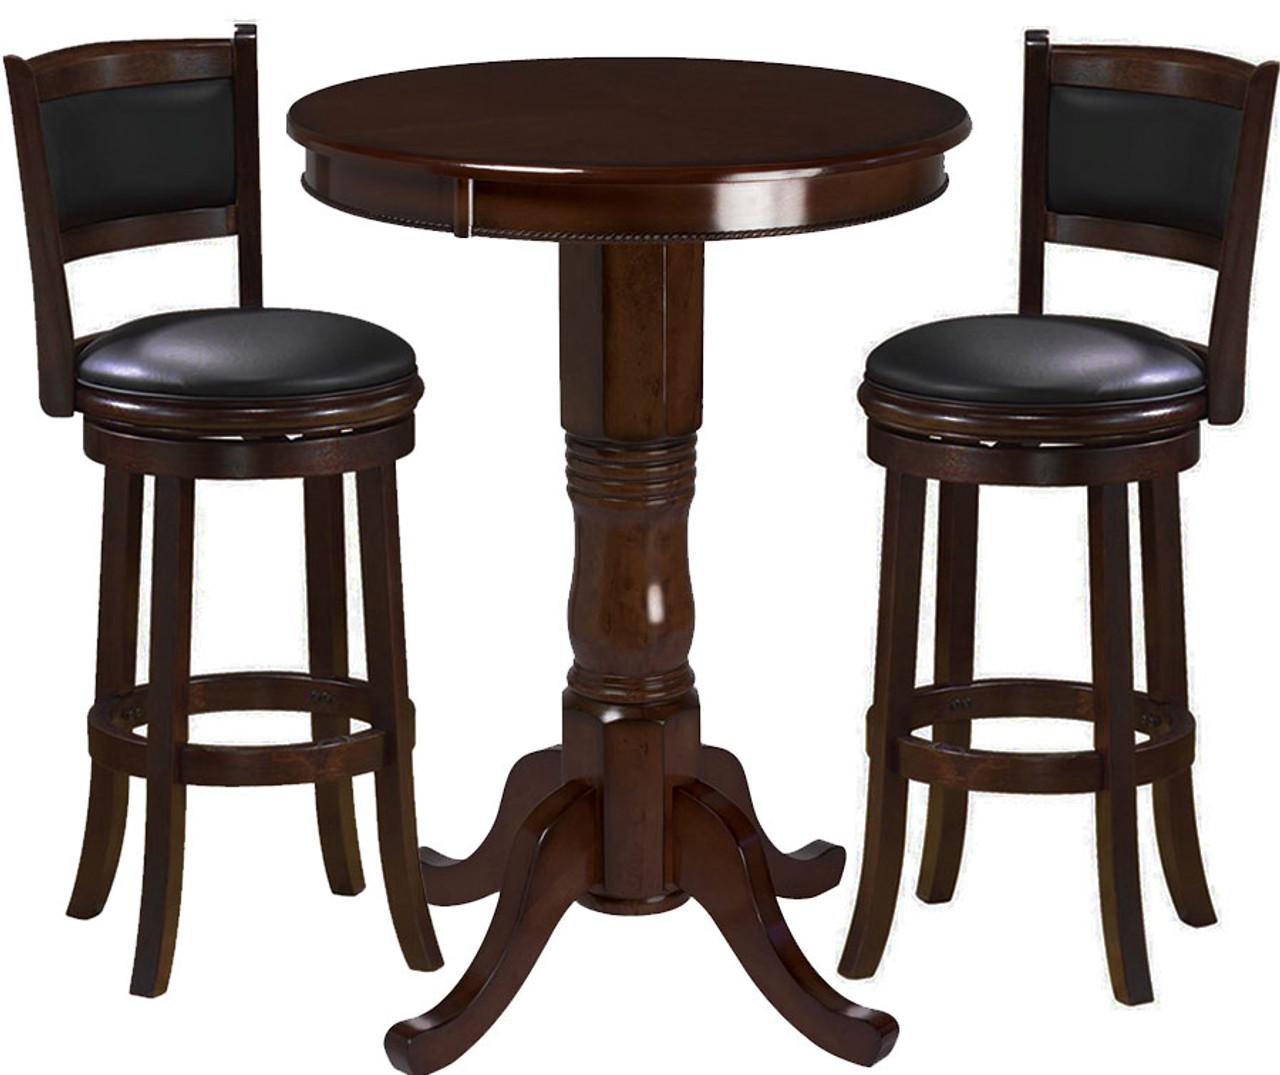 Ram Game Room Pub Table